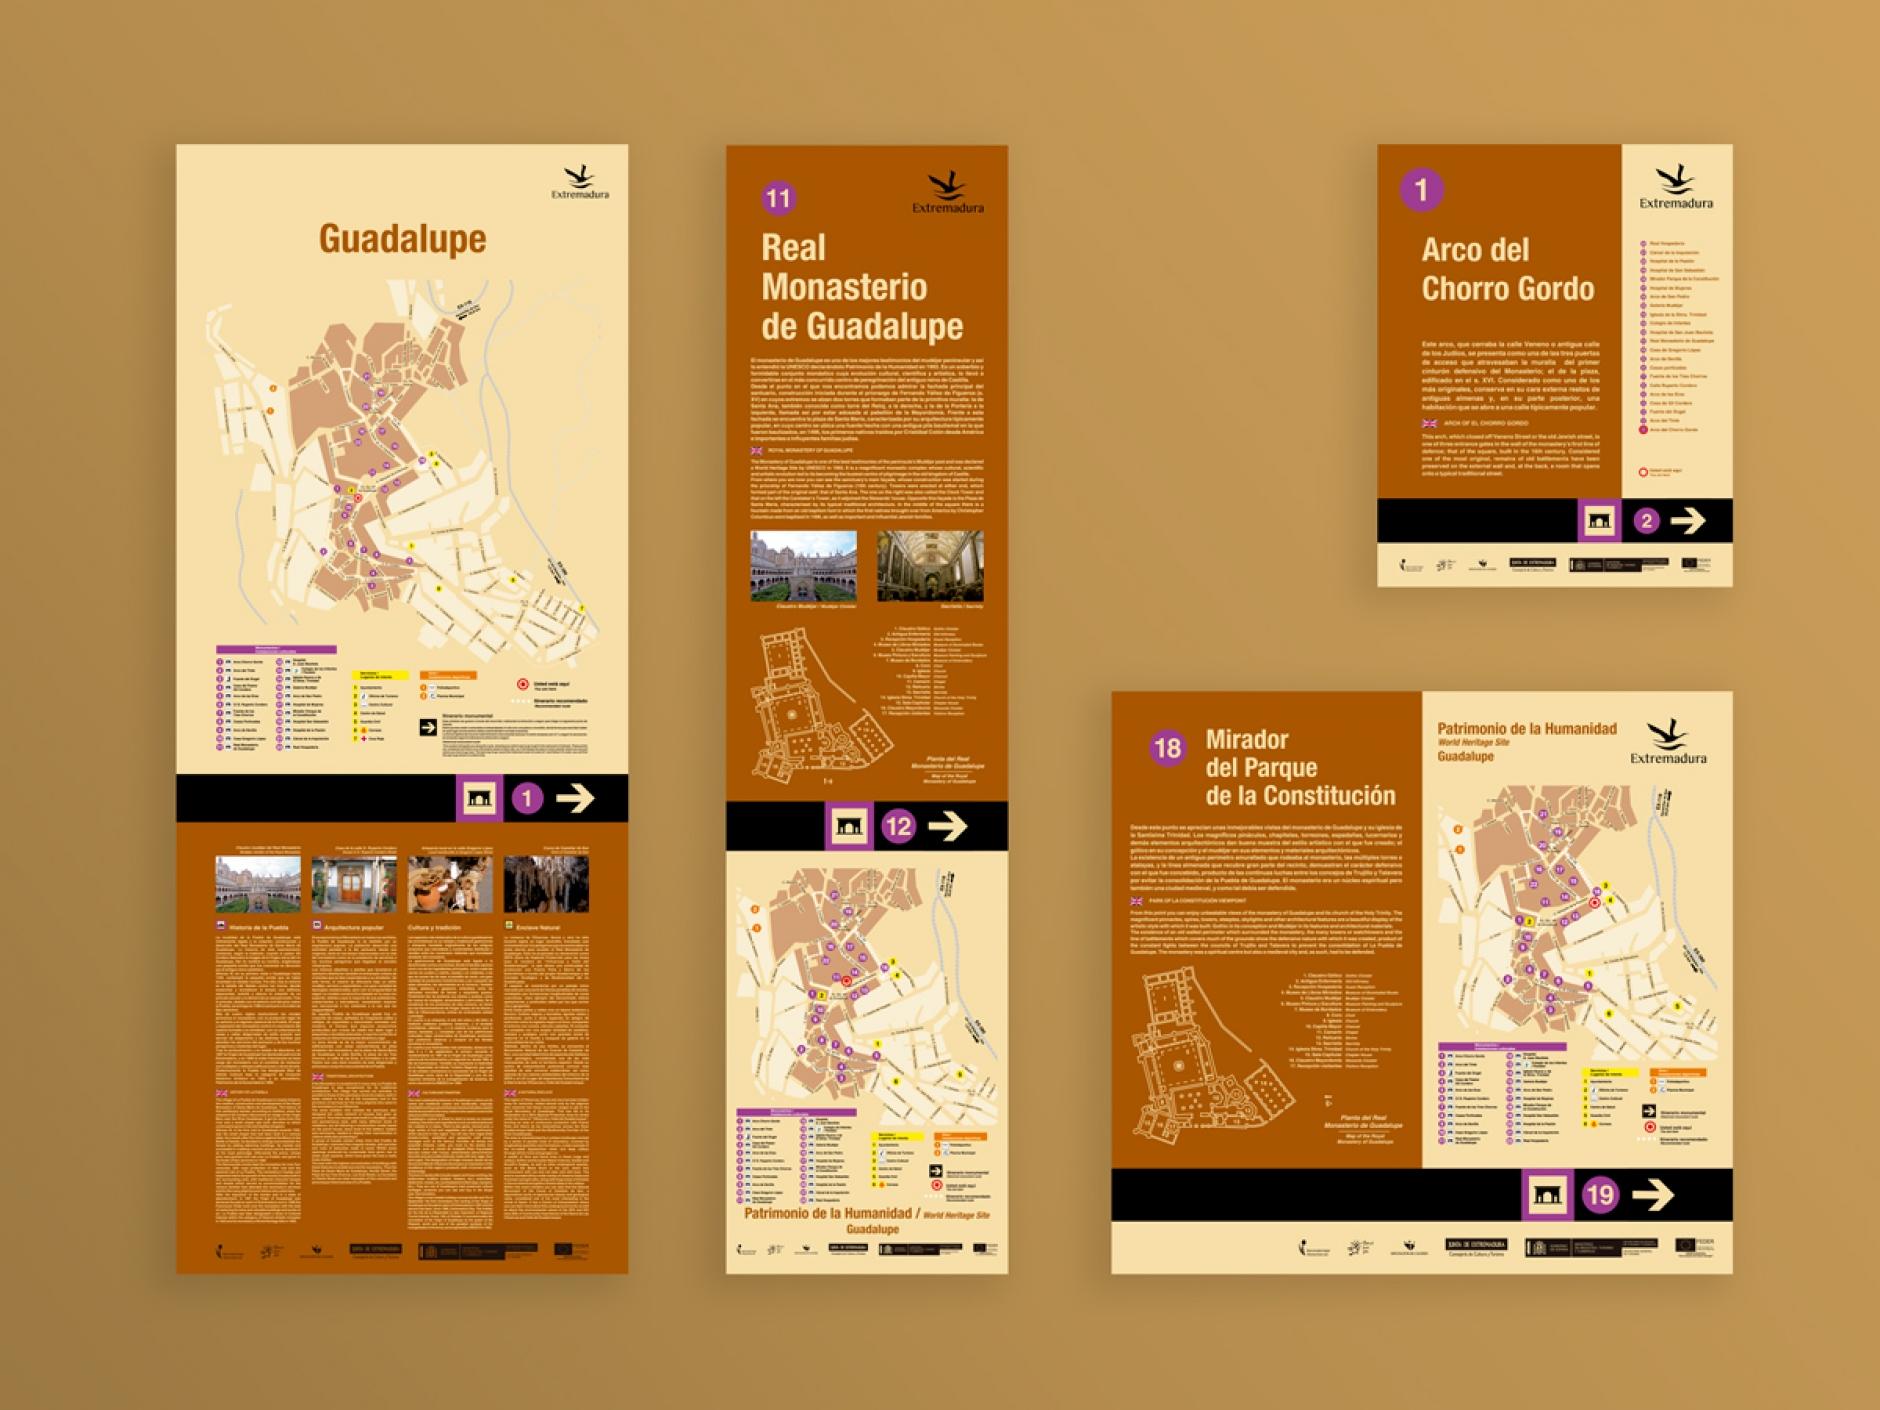 Señalización turística monumental de Guadalupe